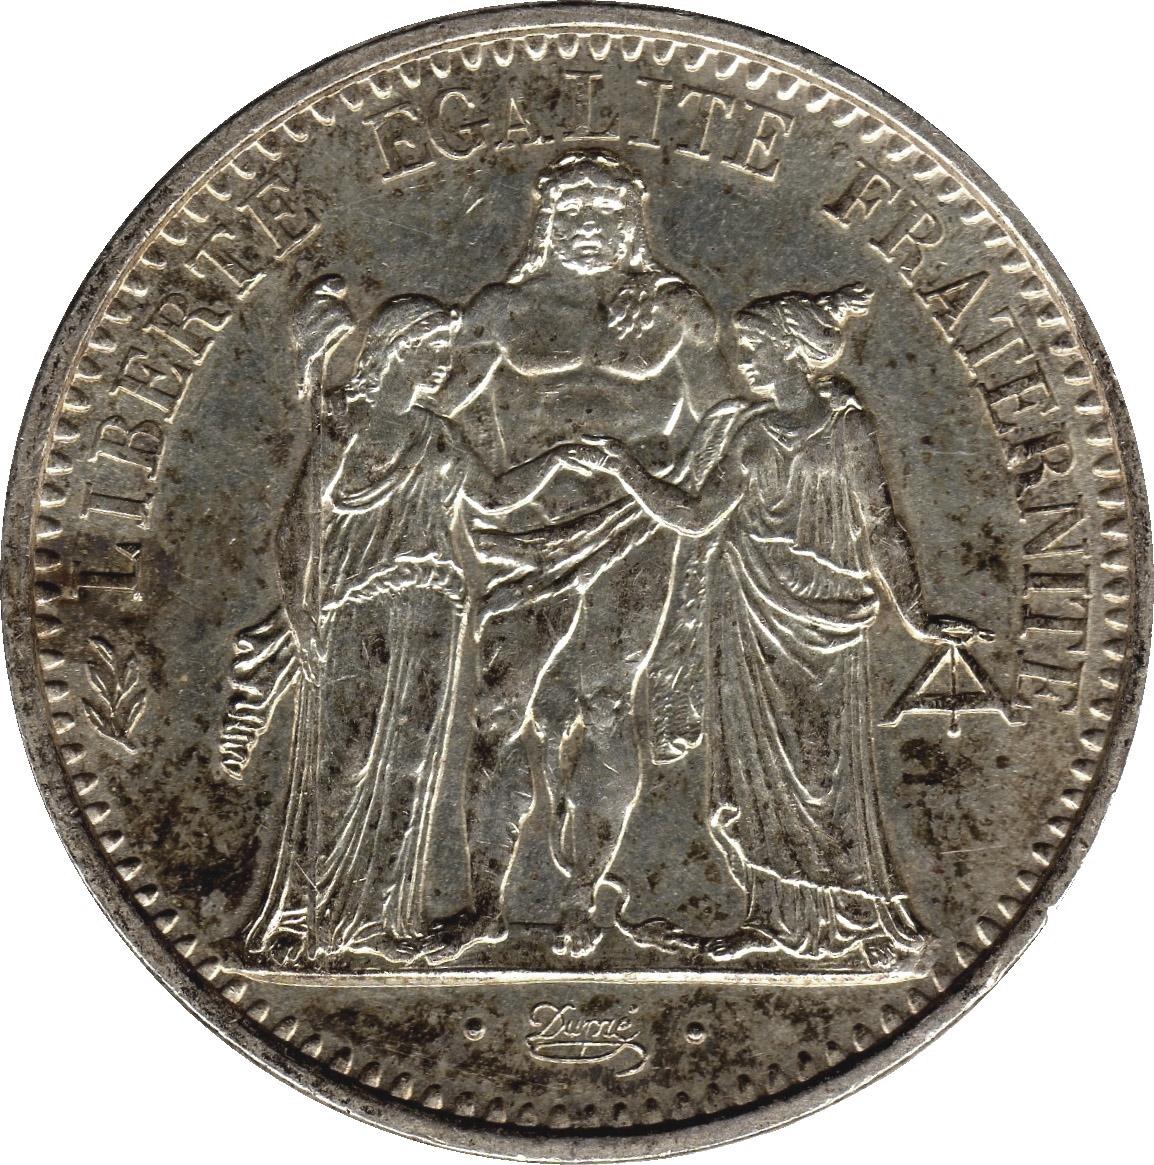 10 francs france numista for France francs